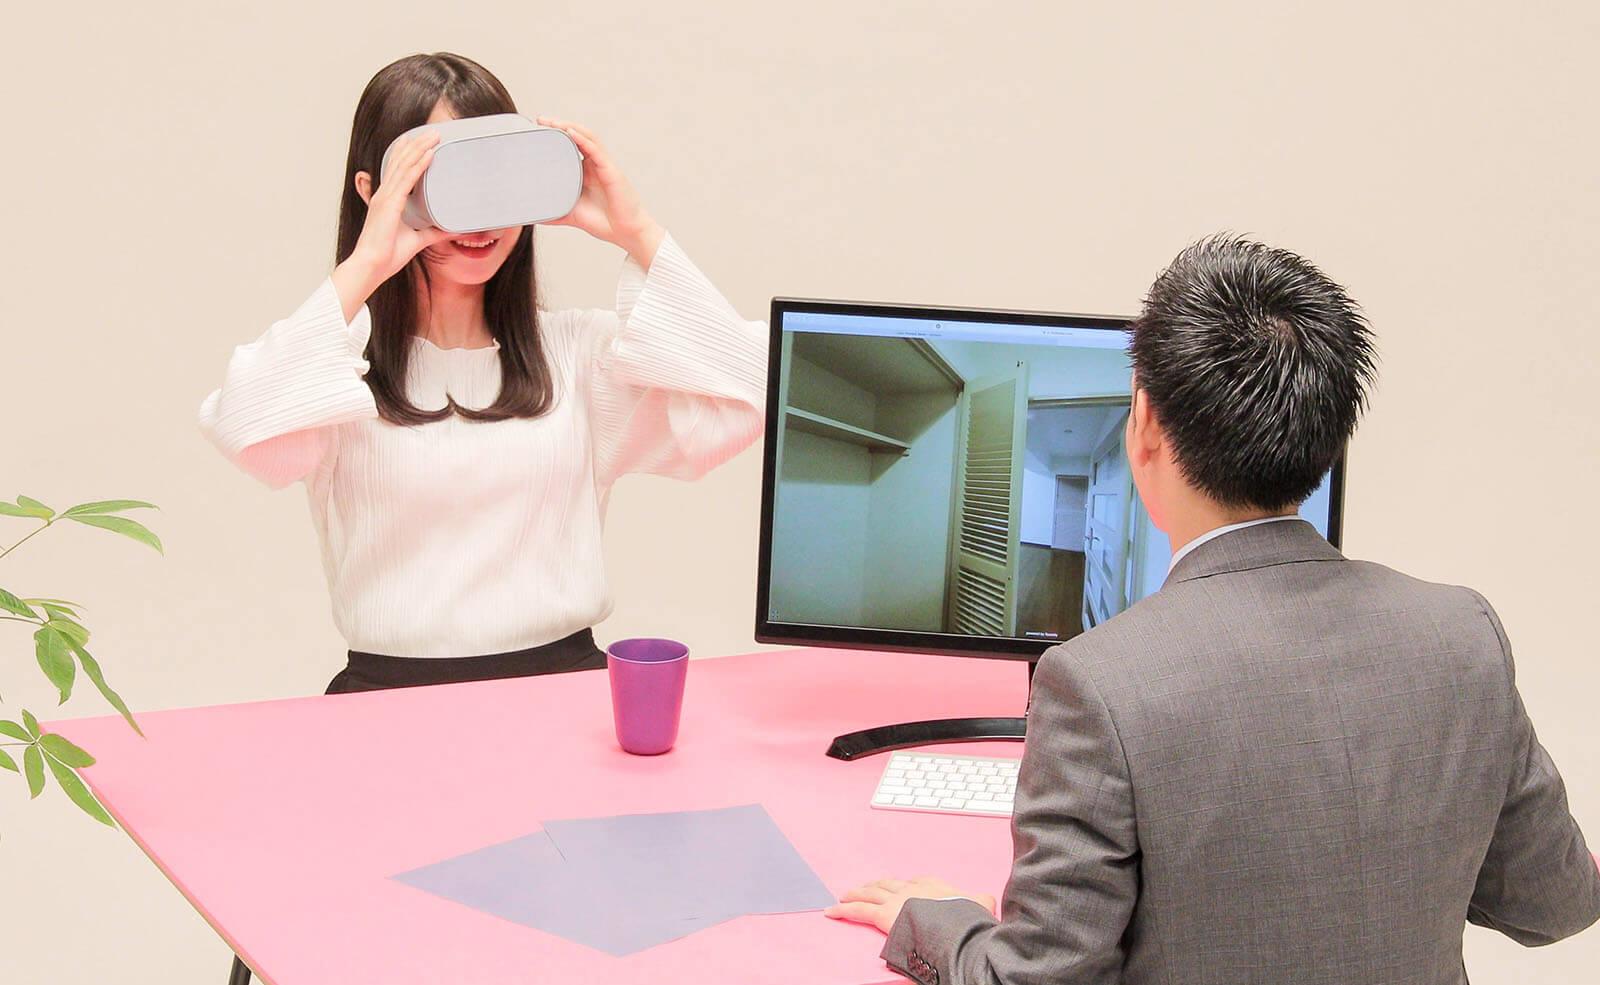 業界初!VRの接客活用をワンクリックで実現する瞬間接客VRの提供開始